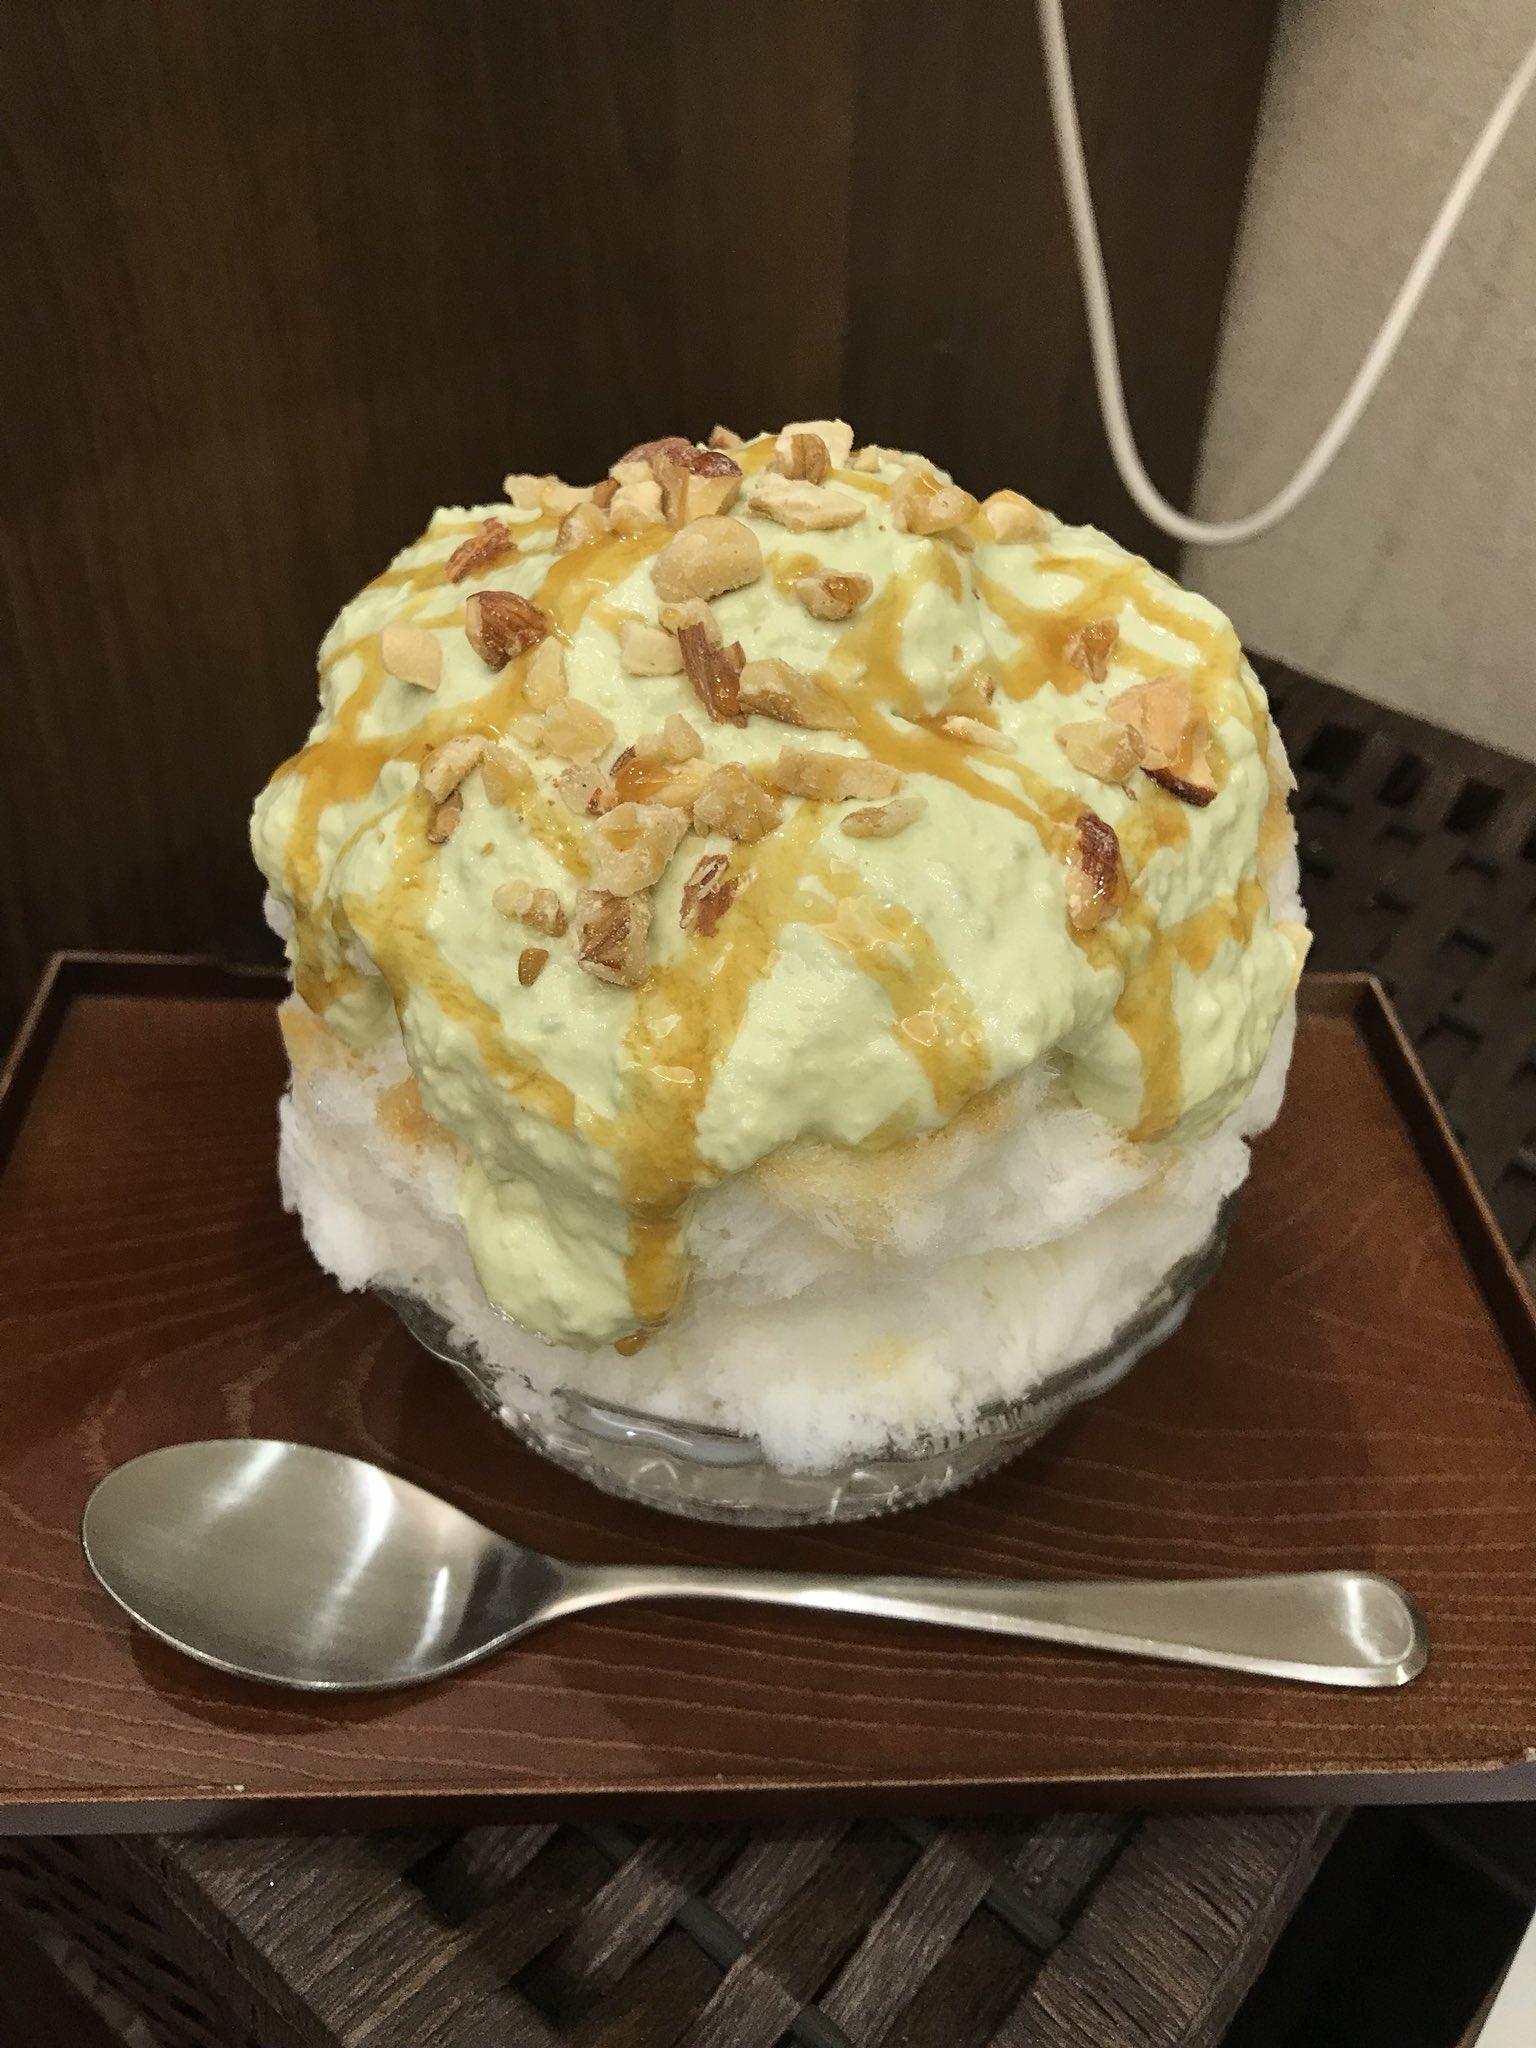 【2019年版】ふわふわな食感がたまらない!名古屋の「絶品かき氷」店10選 - DXchMp8UMAAeuo9